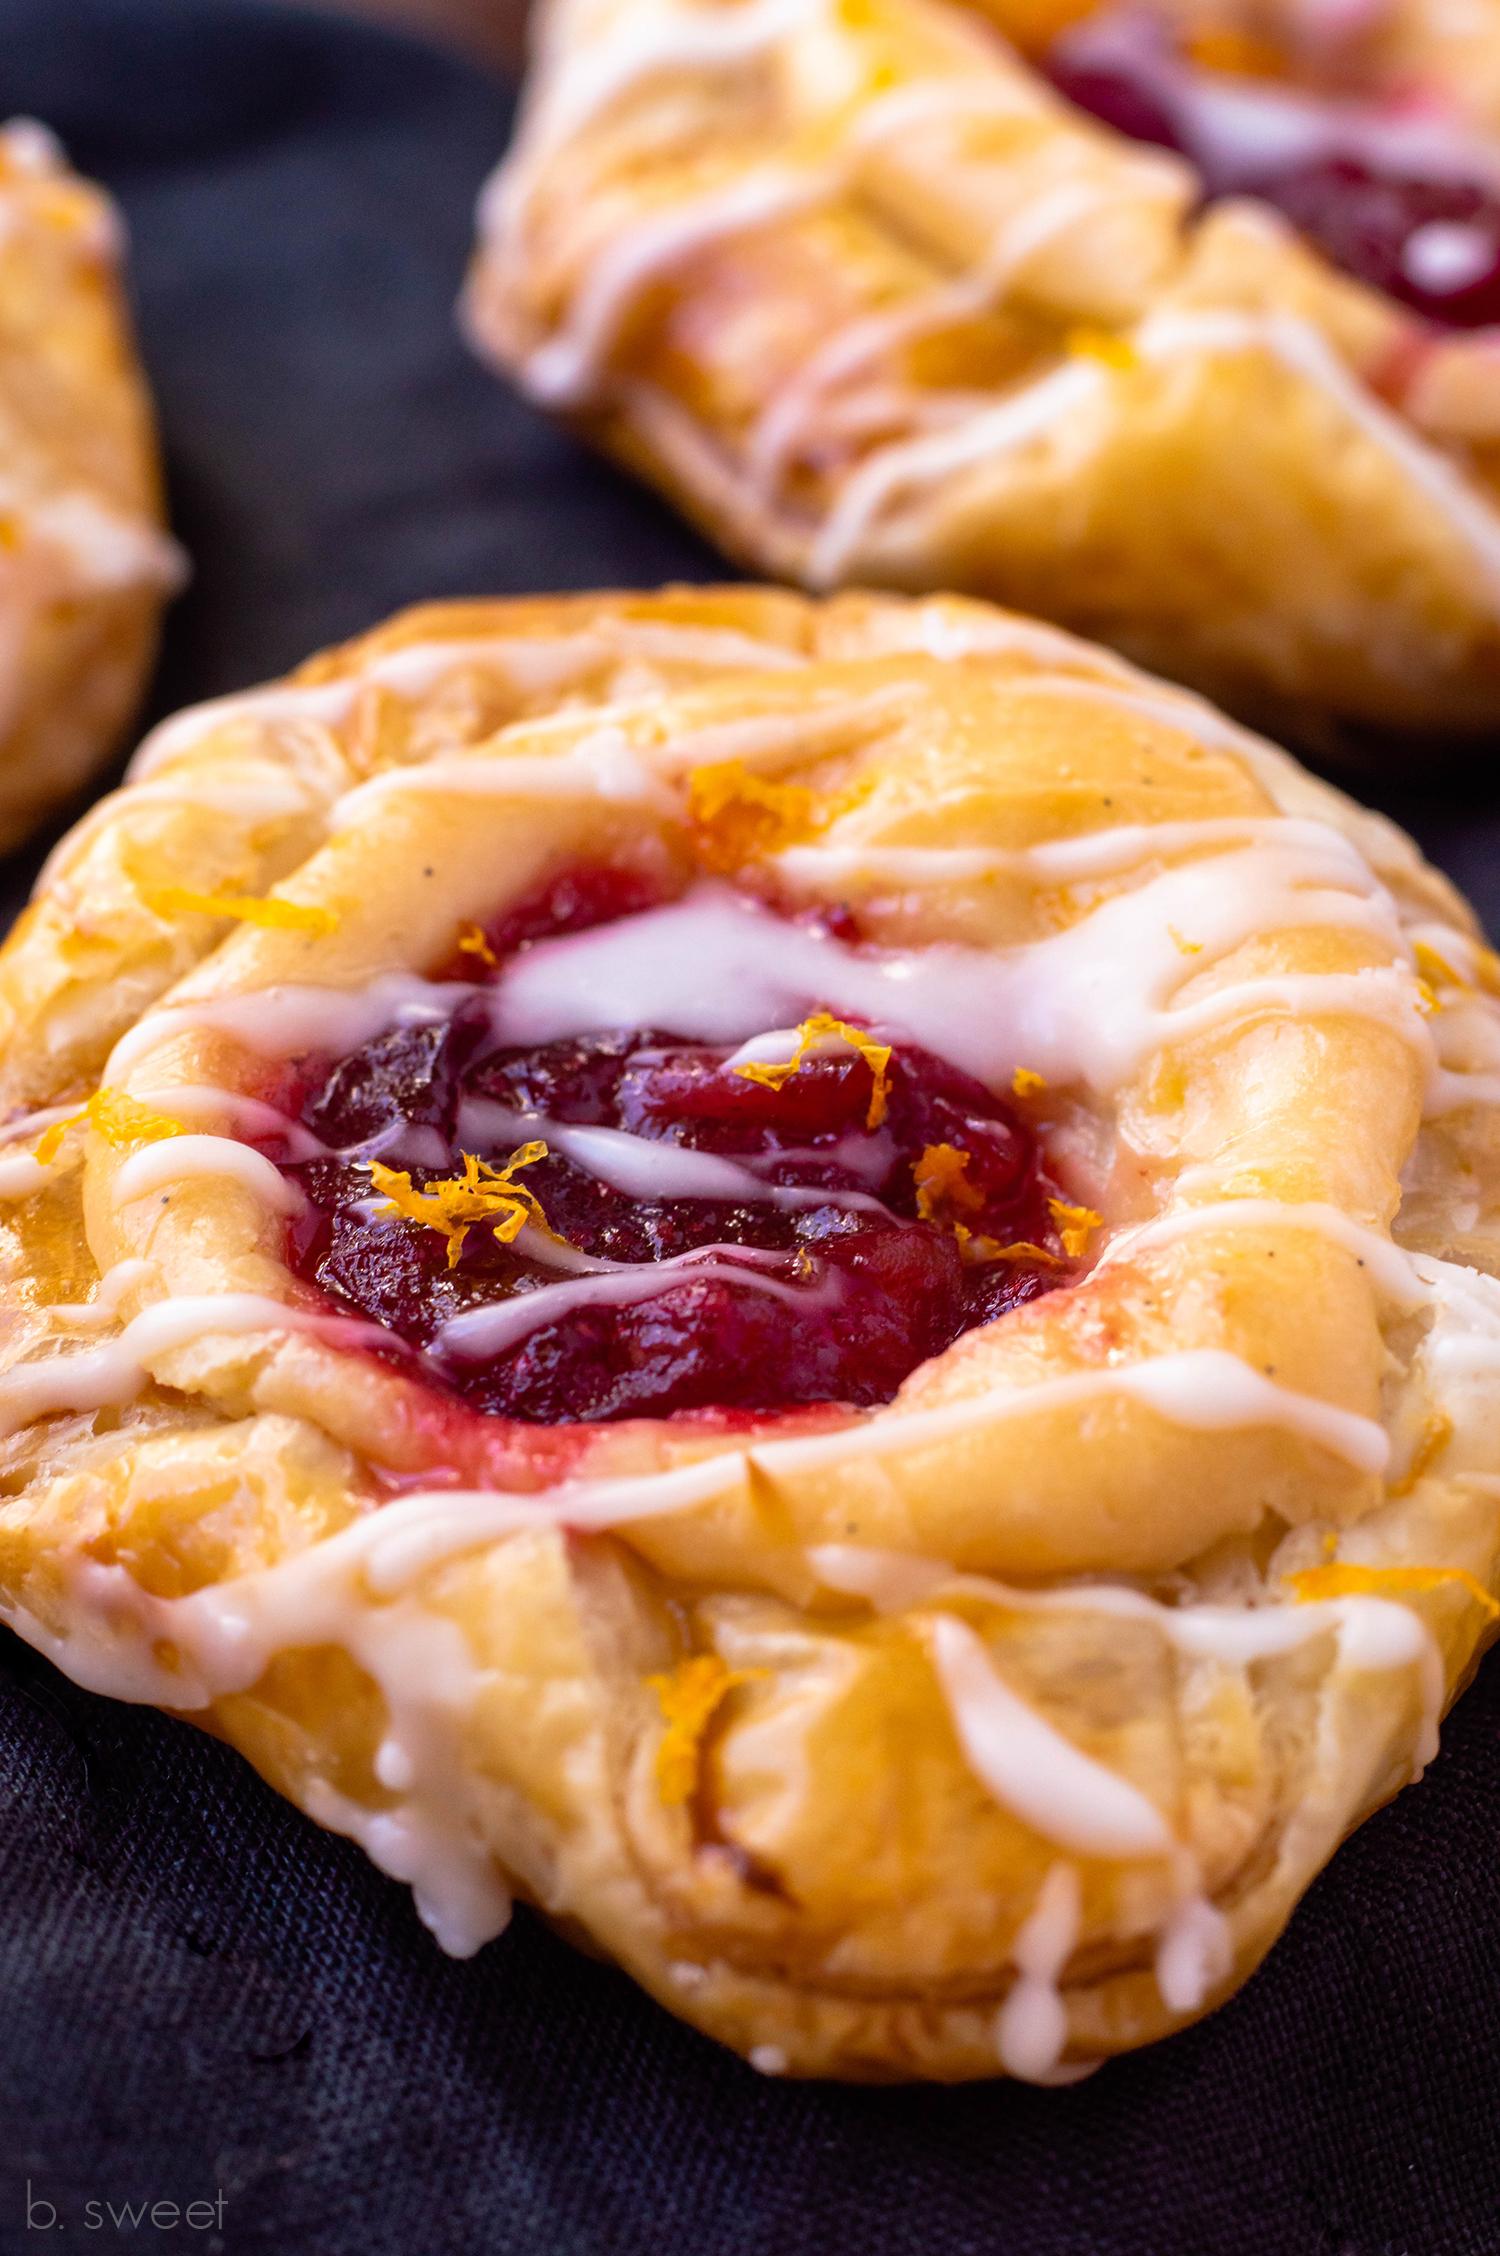 Honey Orange Cranberry Cream Cheese Danish - b. sweet